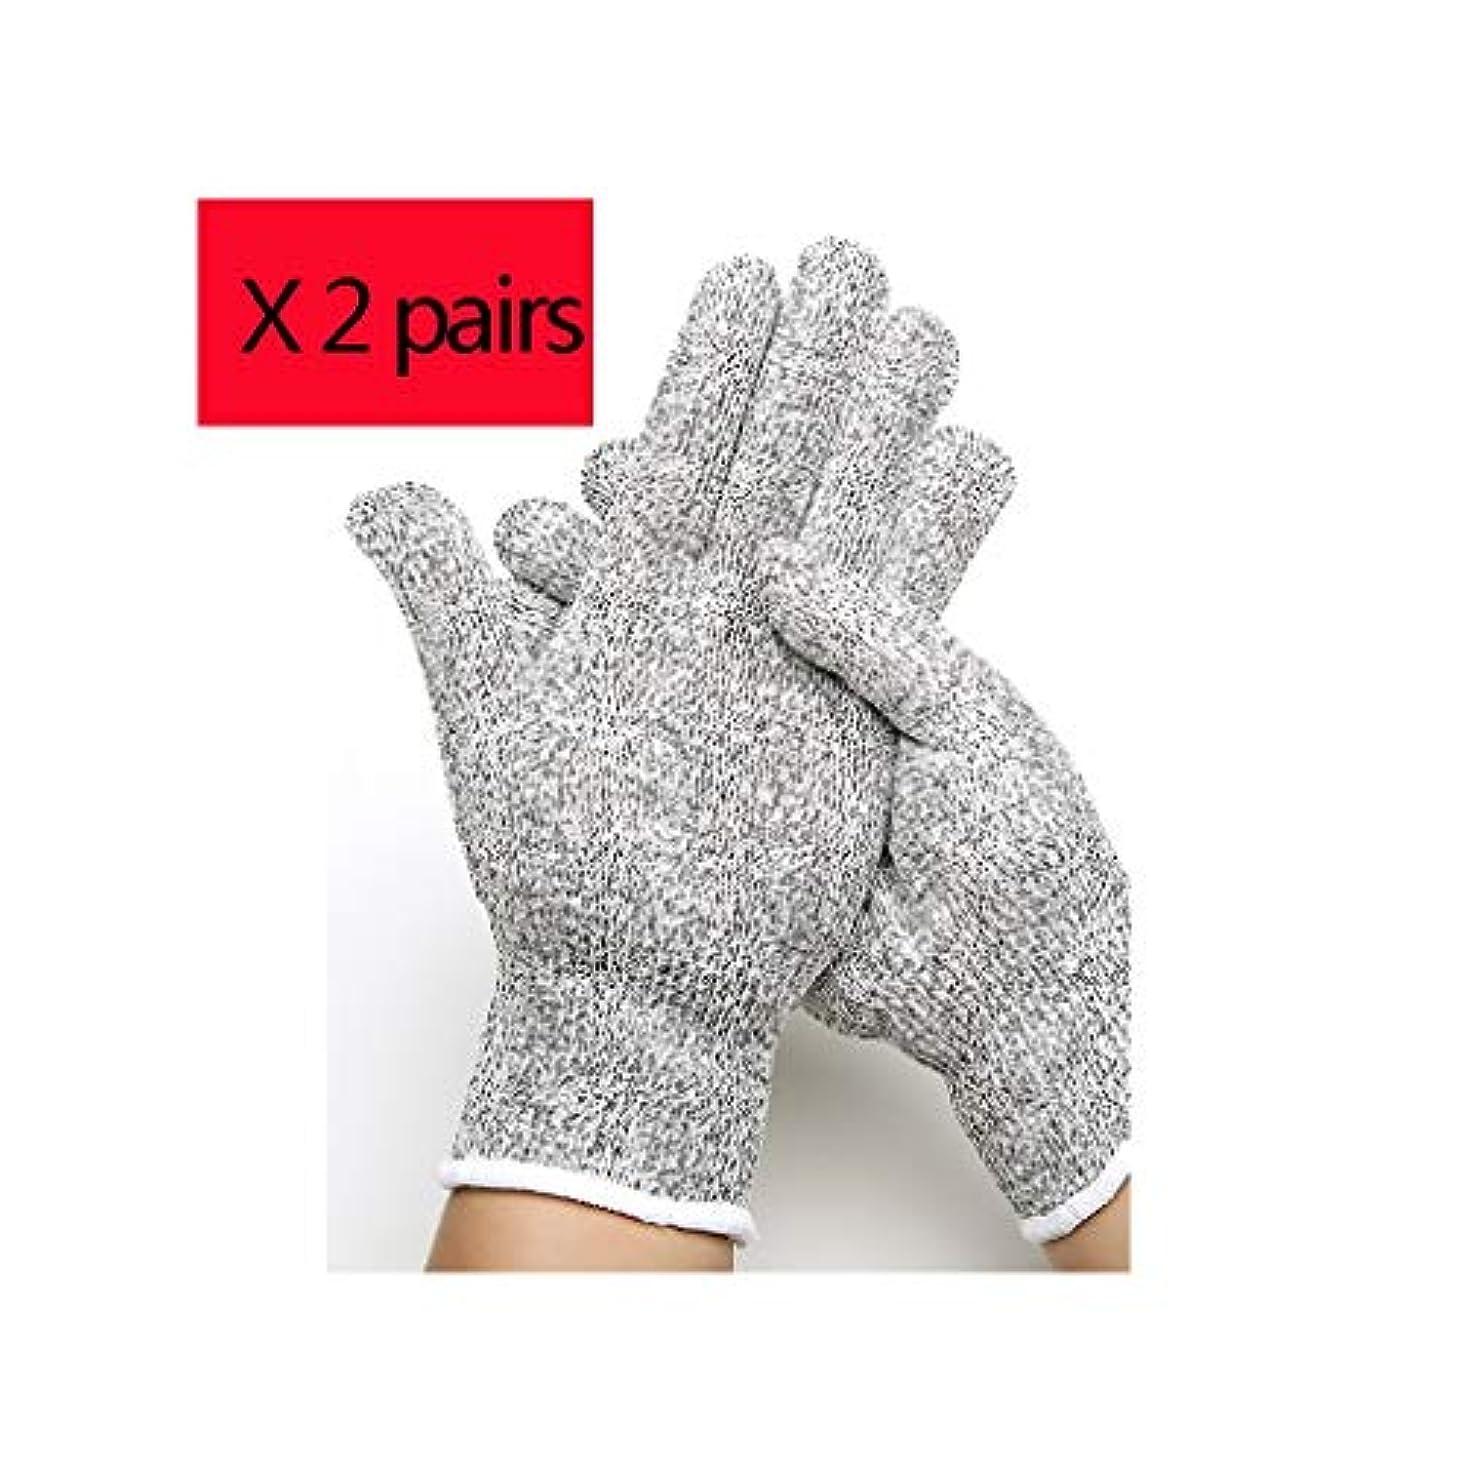 粗いタイヤ人工的なLIUXIN ナイフカット手袋厚手の耐摩耗性産業用労働手袋家庭用保護手袋マルチサイズオプション×2 ゴム手袋 (Size : S)